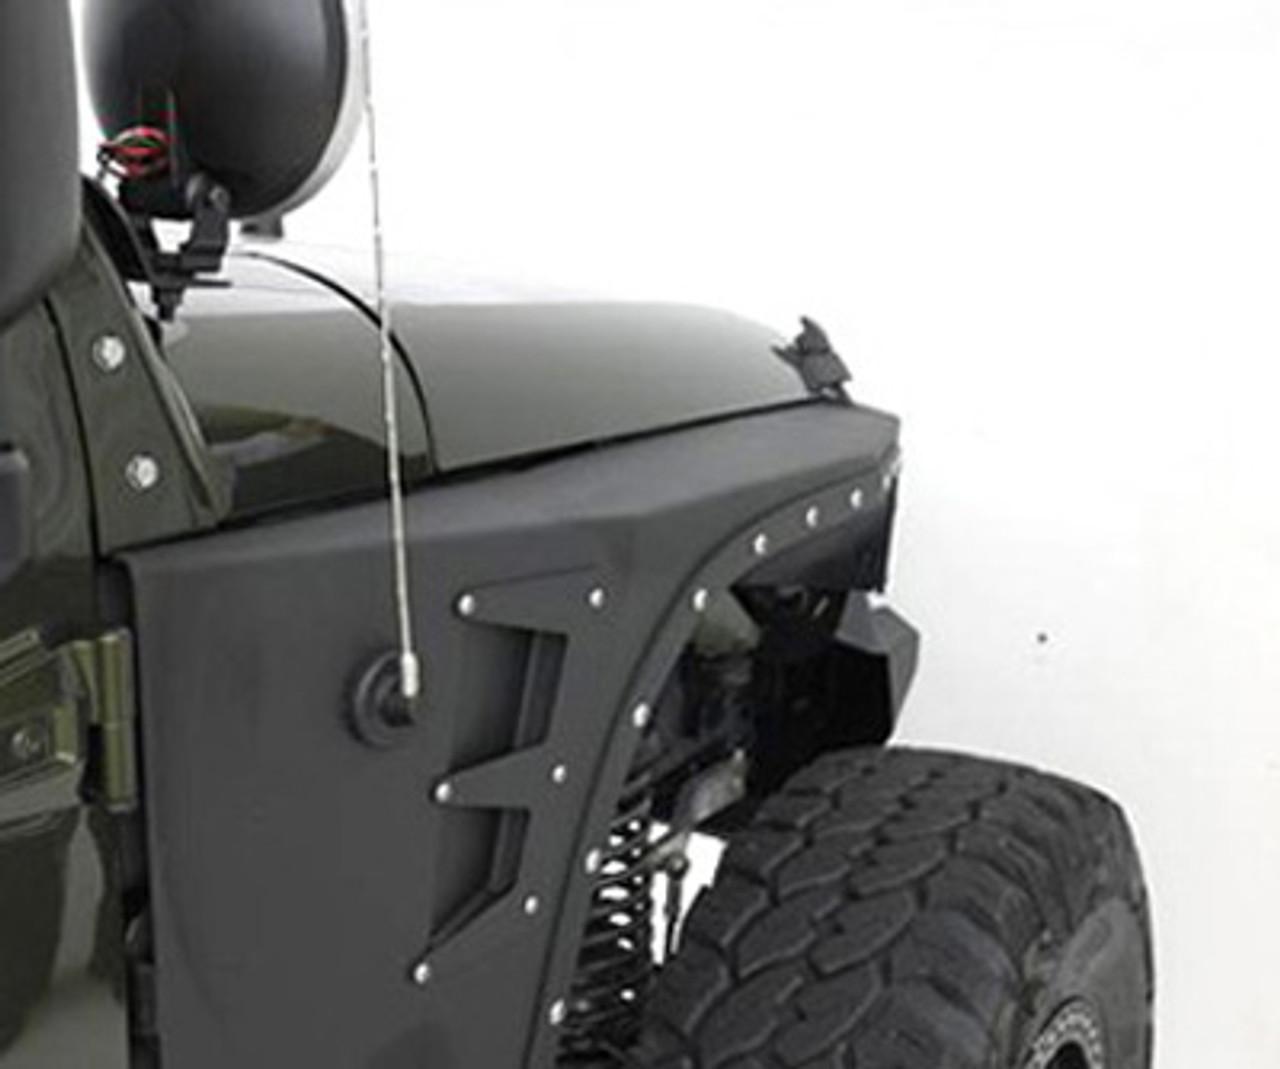 Smittybilt XRC Front Fender Armor Kit for Wrangler JK